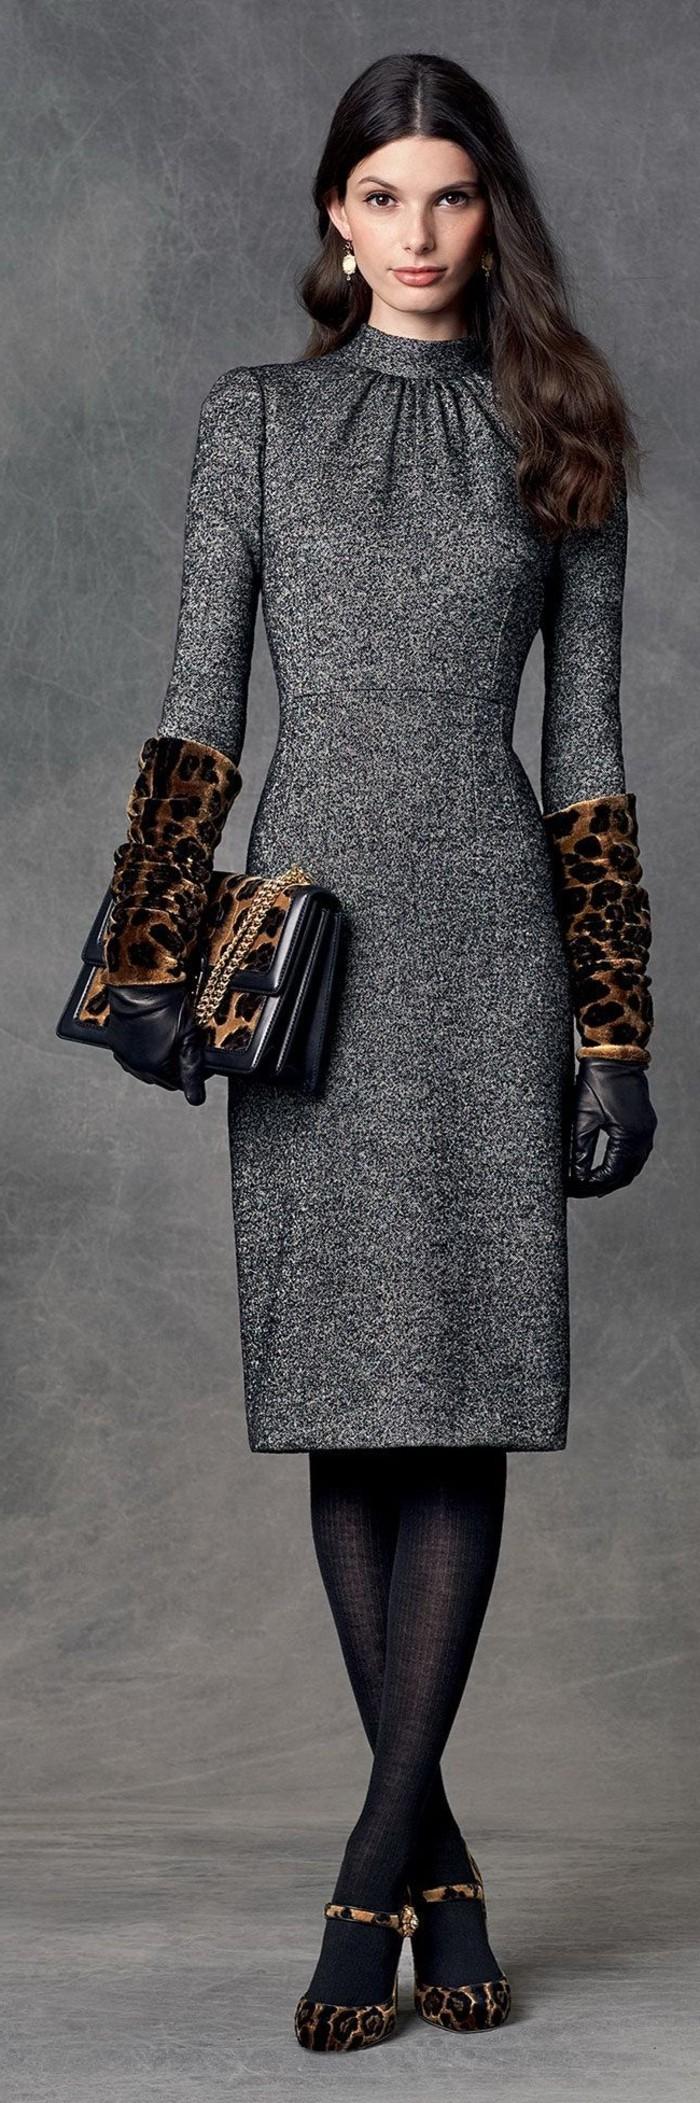 choisissez les meilleurs gants chauffants dans notre galerie